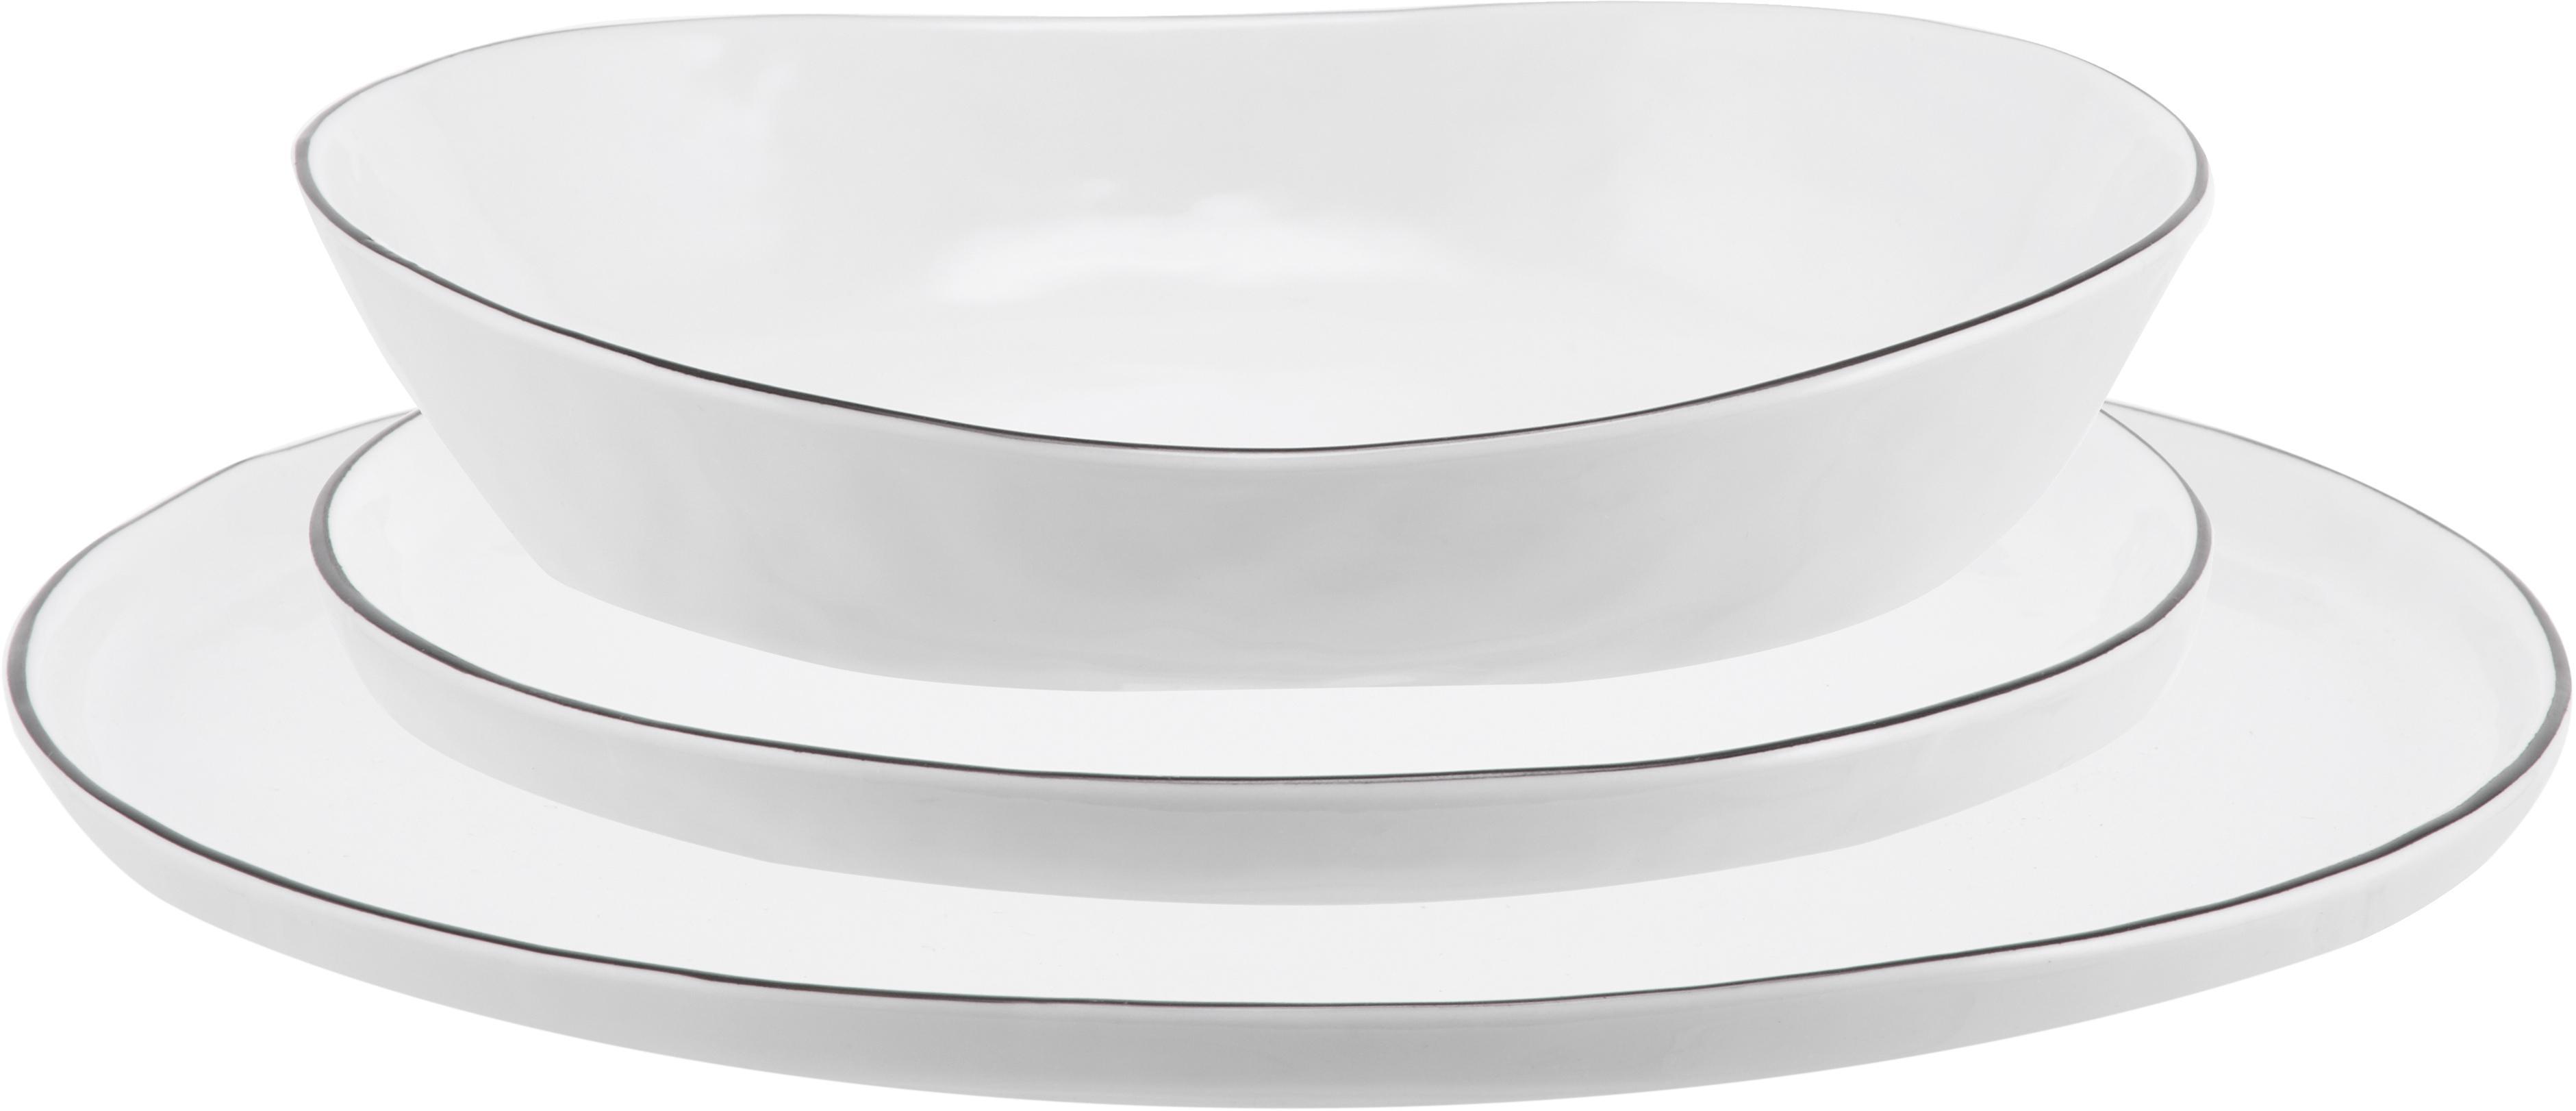 Set piatti fatti a mano con bordo nero Salt, set di 12, Porcellana, Bianco latteo, nero, Diverse dimensioni